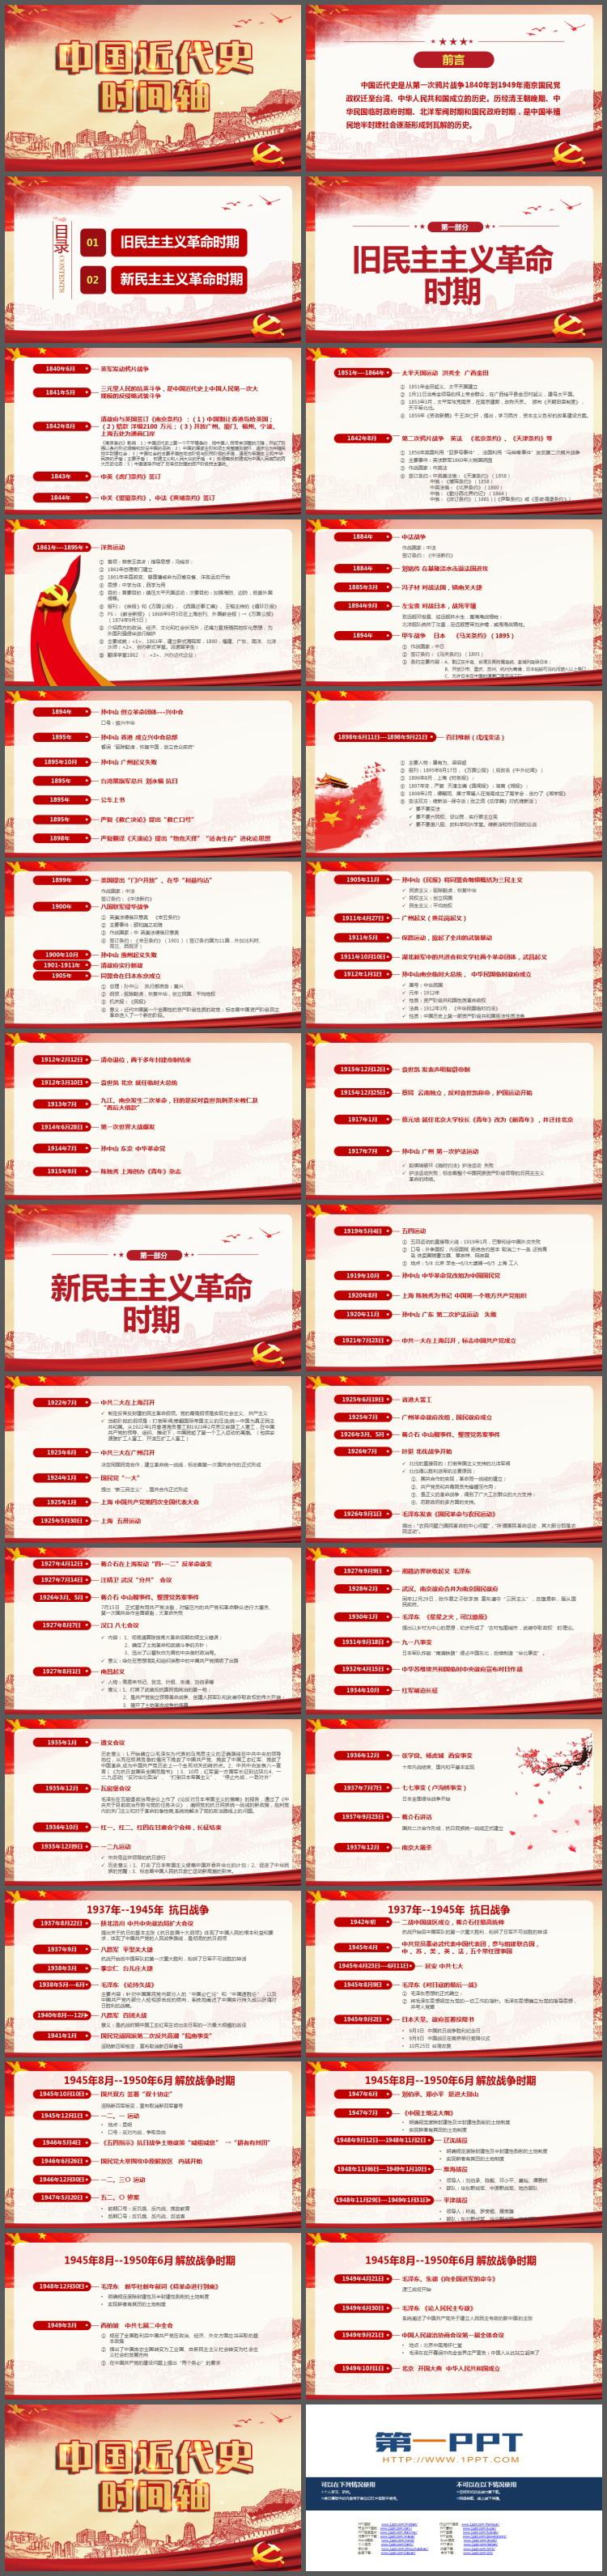 中国近代史时间轴PPT下载